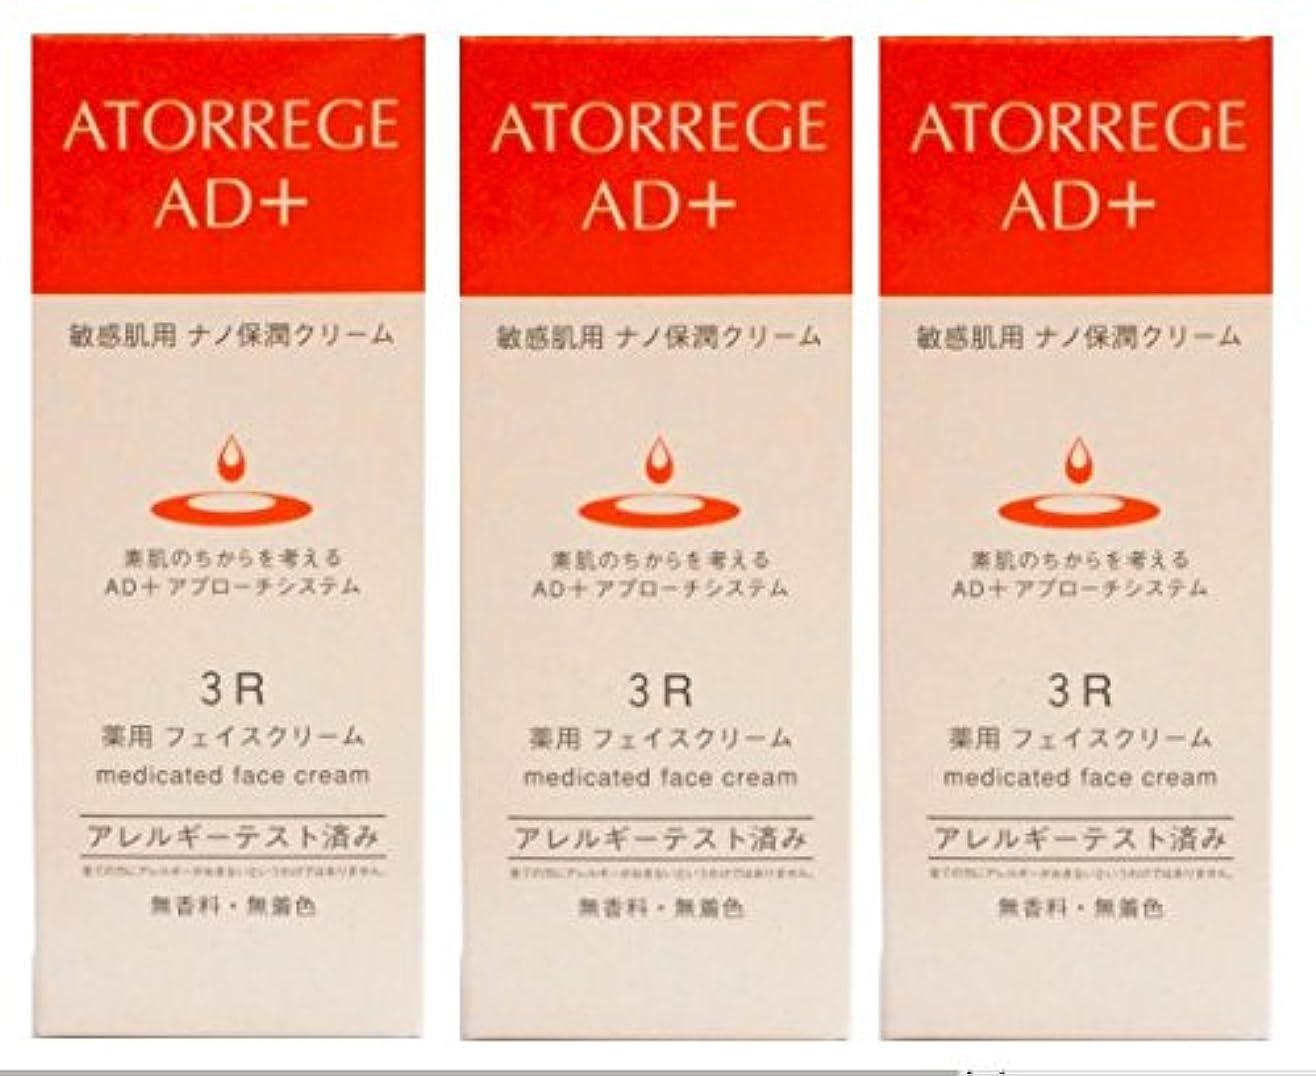 靄現れる暴露する(お買い得3本セット)アトレージュ AD+薬用フェイスクリーム 35g(敏感肌用クリーム)(医薬部外品)